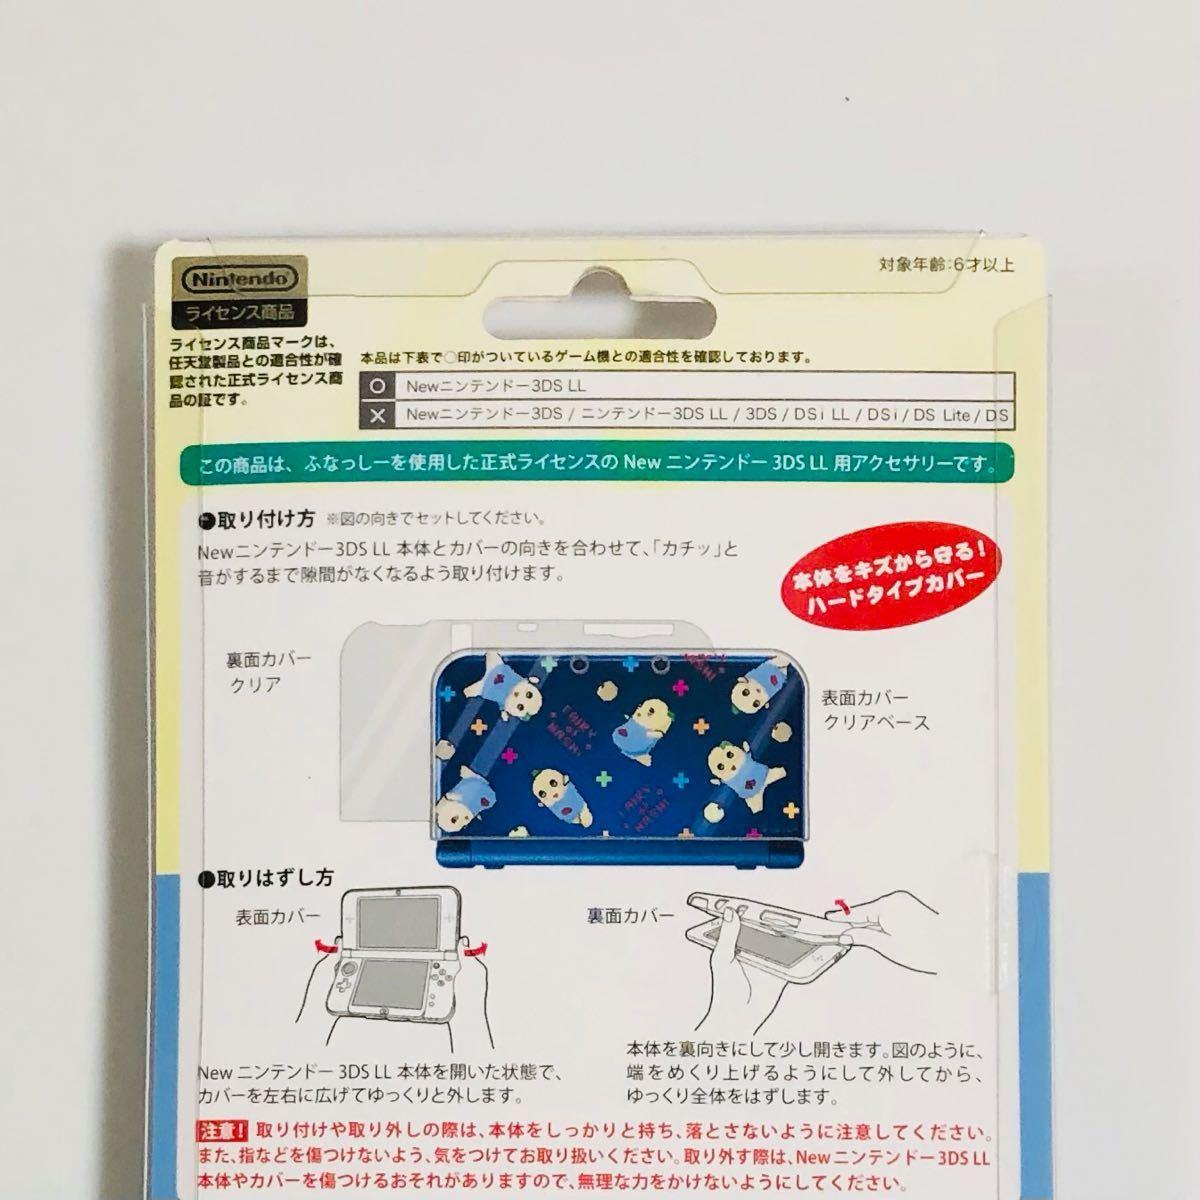 New 3DSLL用 キャラプレカバー ふなっしー